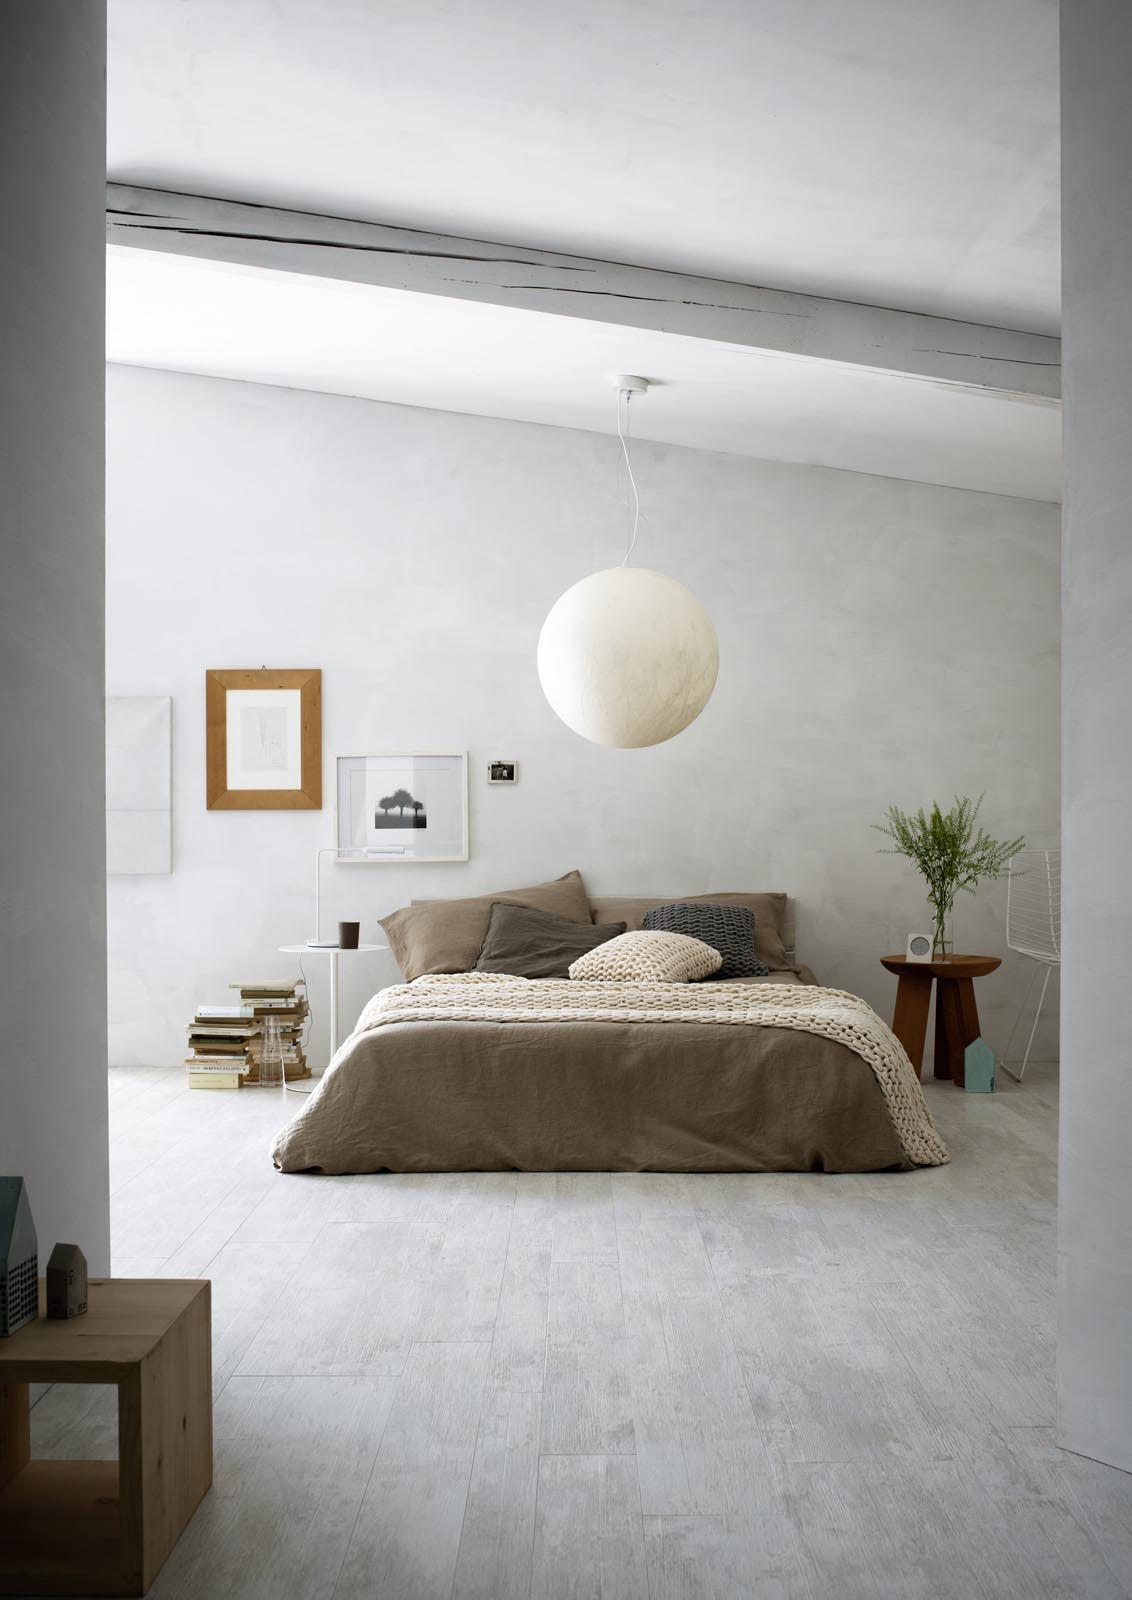 mur marbré  Decor chambre a coucher, Chambre zen, Deco chambre zen